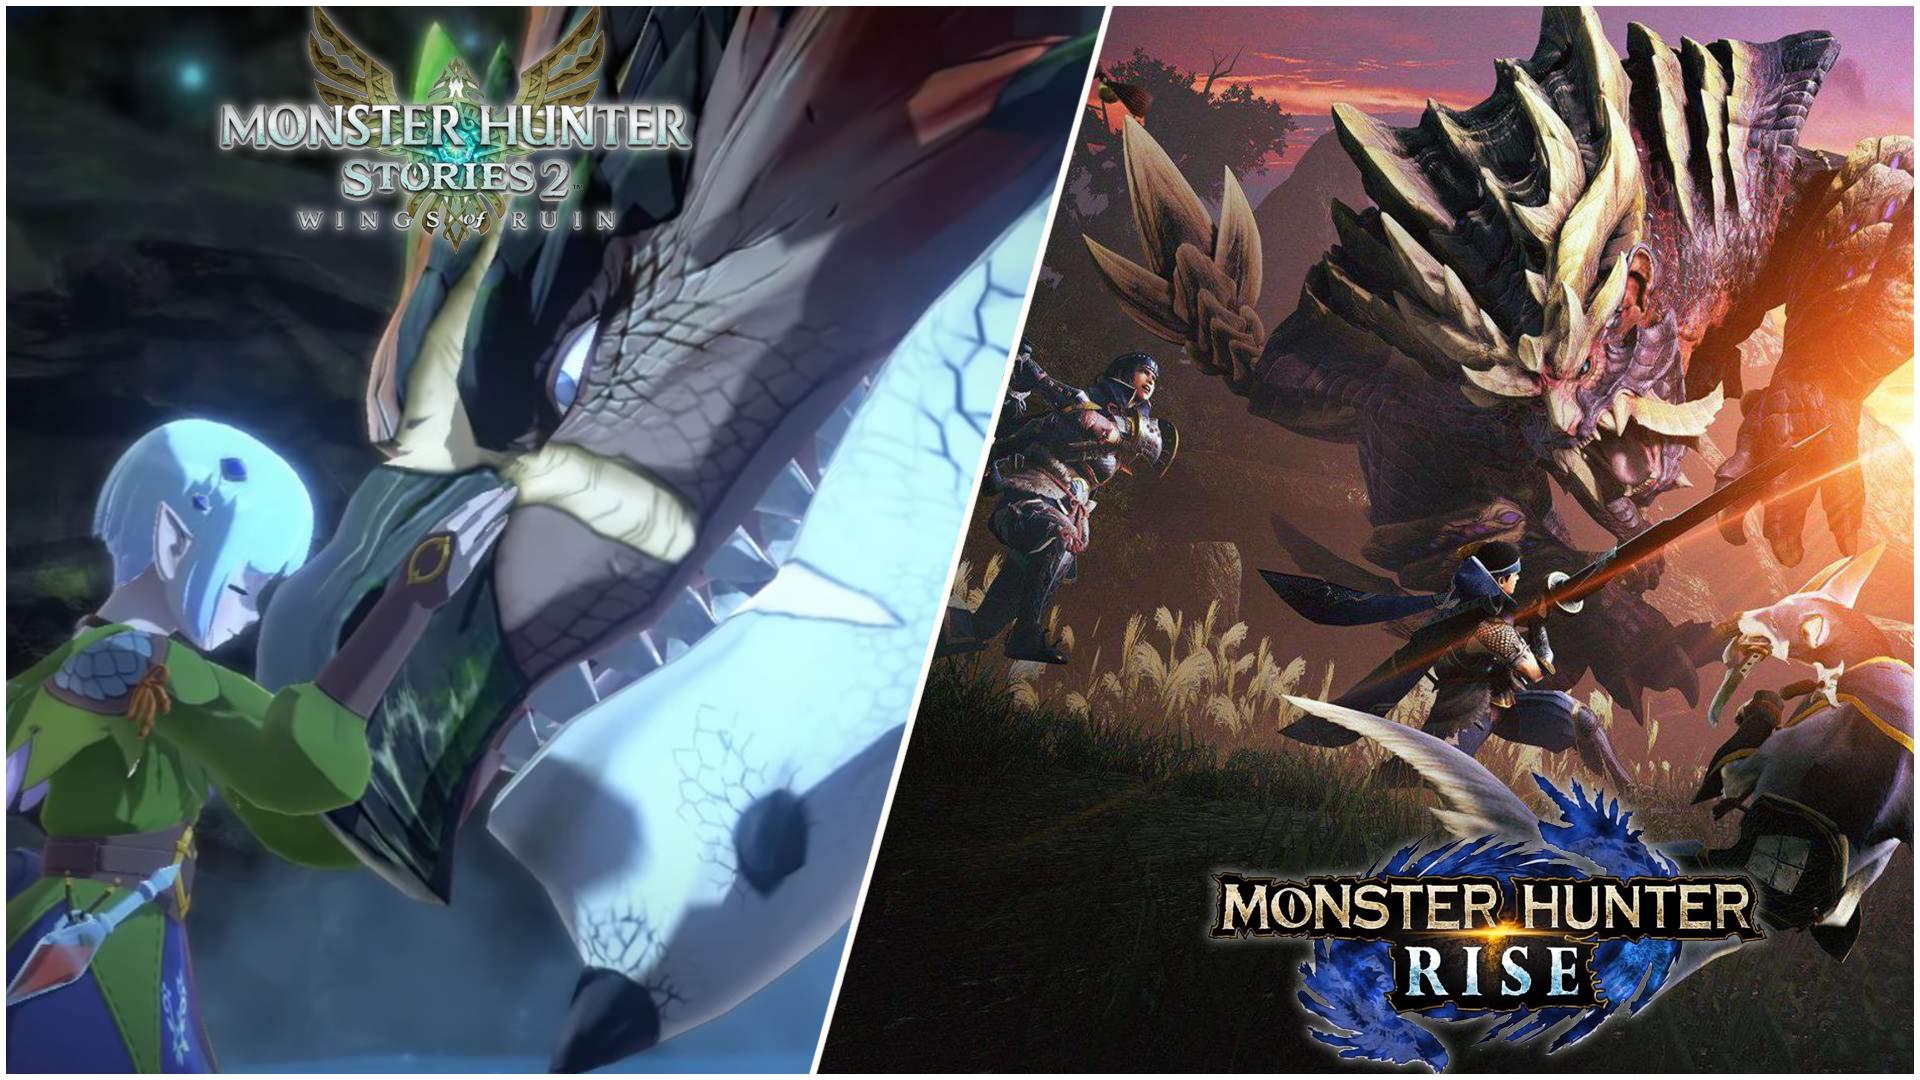 CAPCOM annuncia tre eventi digitali per i nuovi Monster Hunter